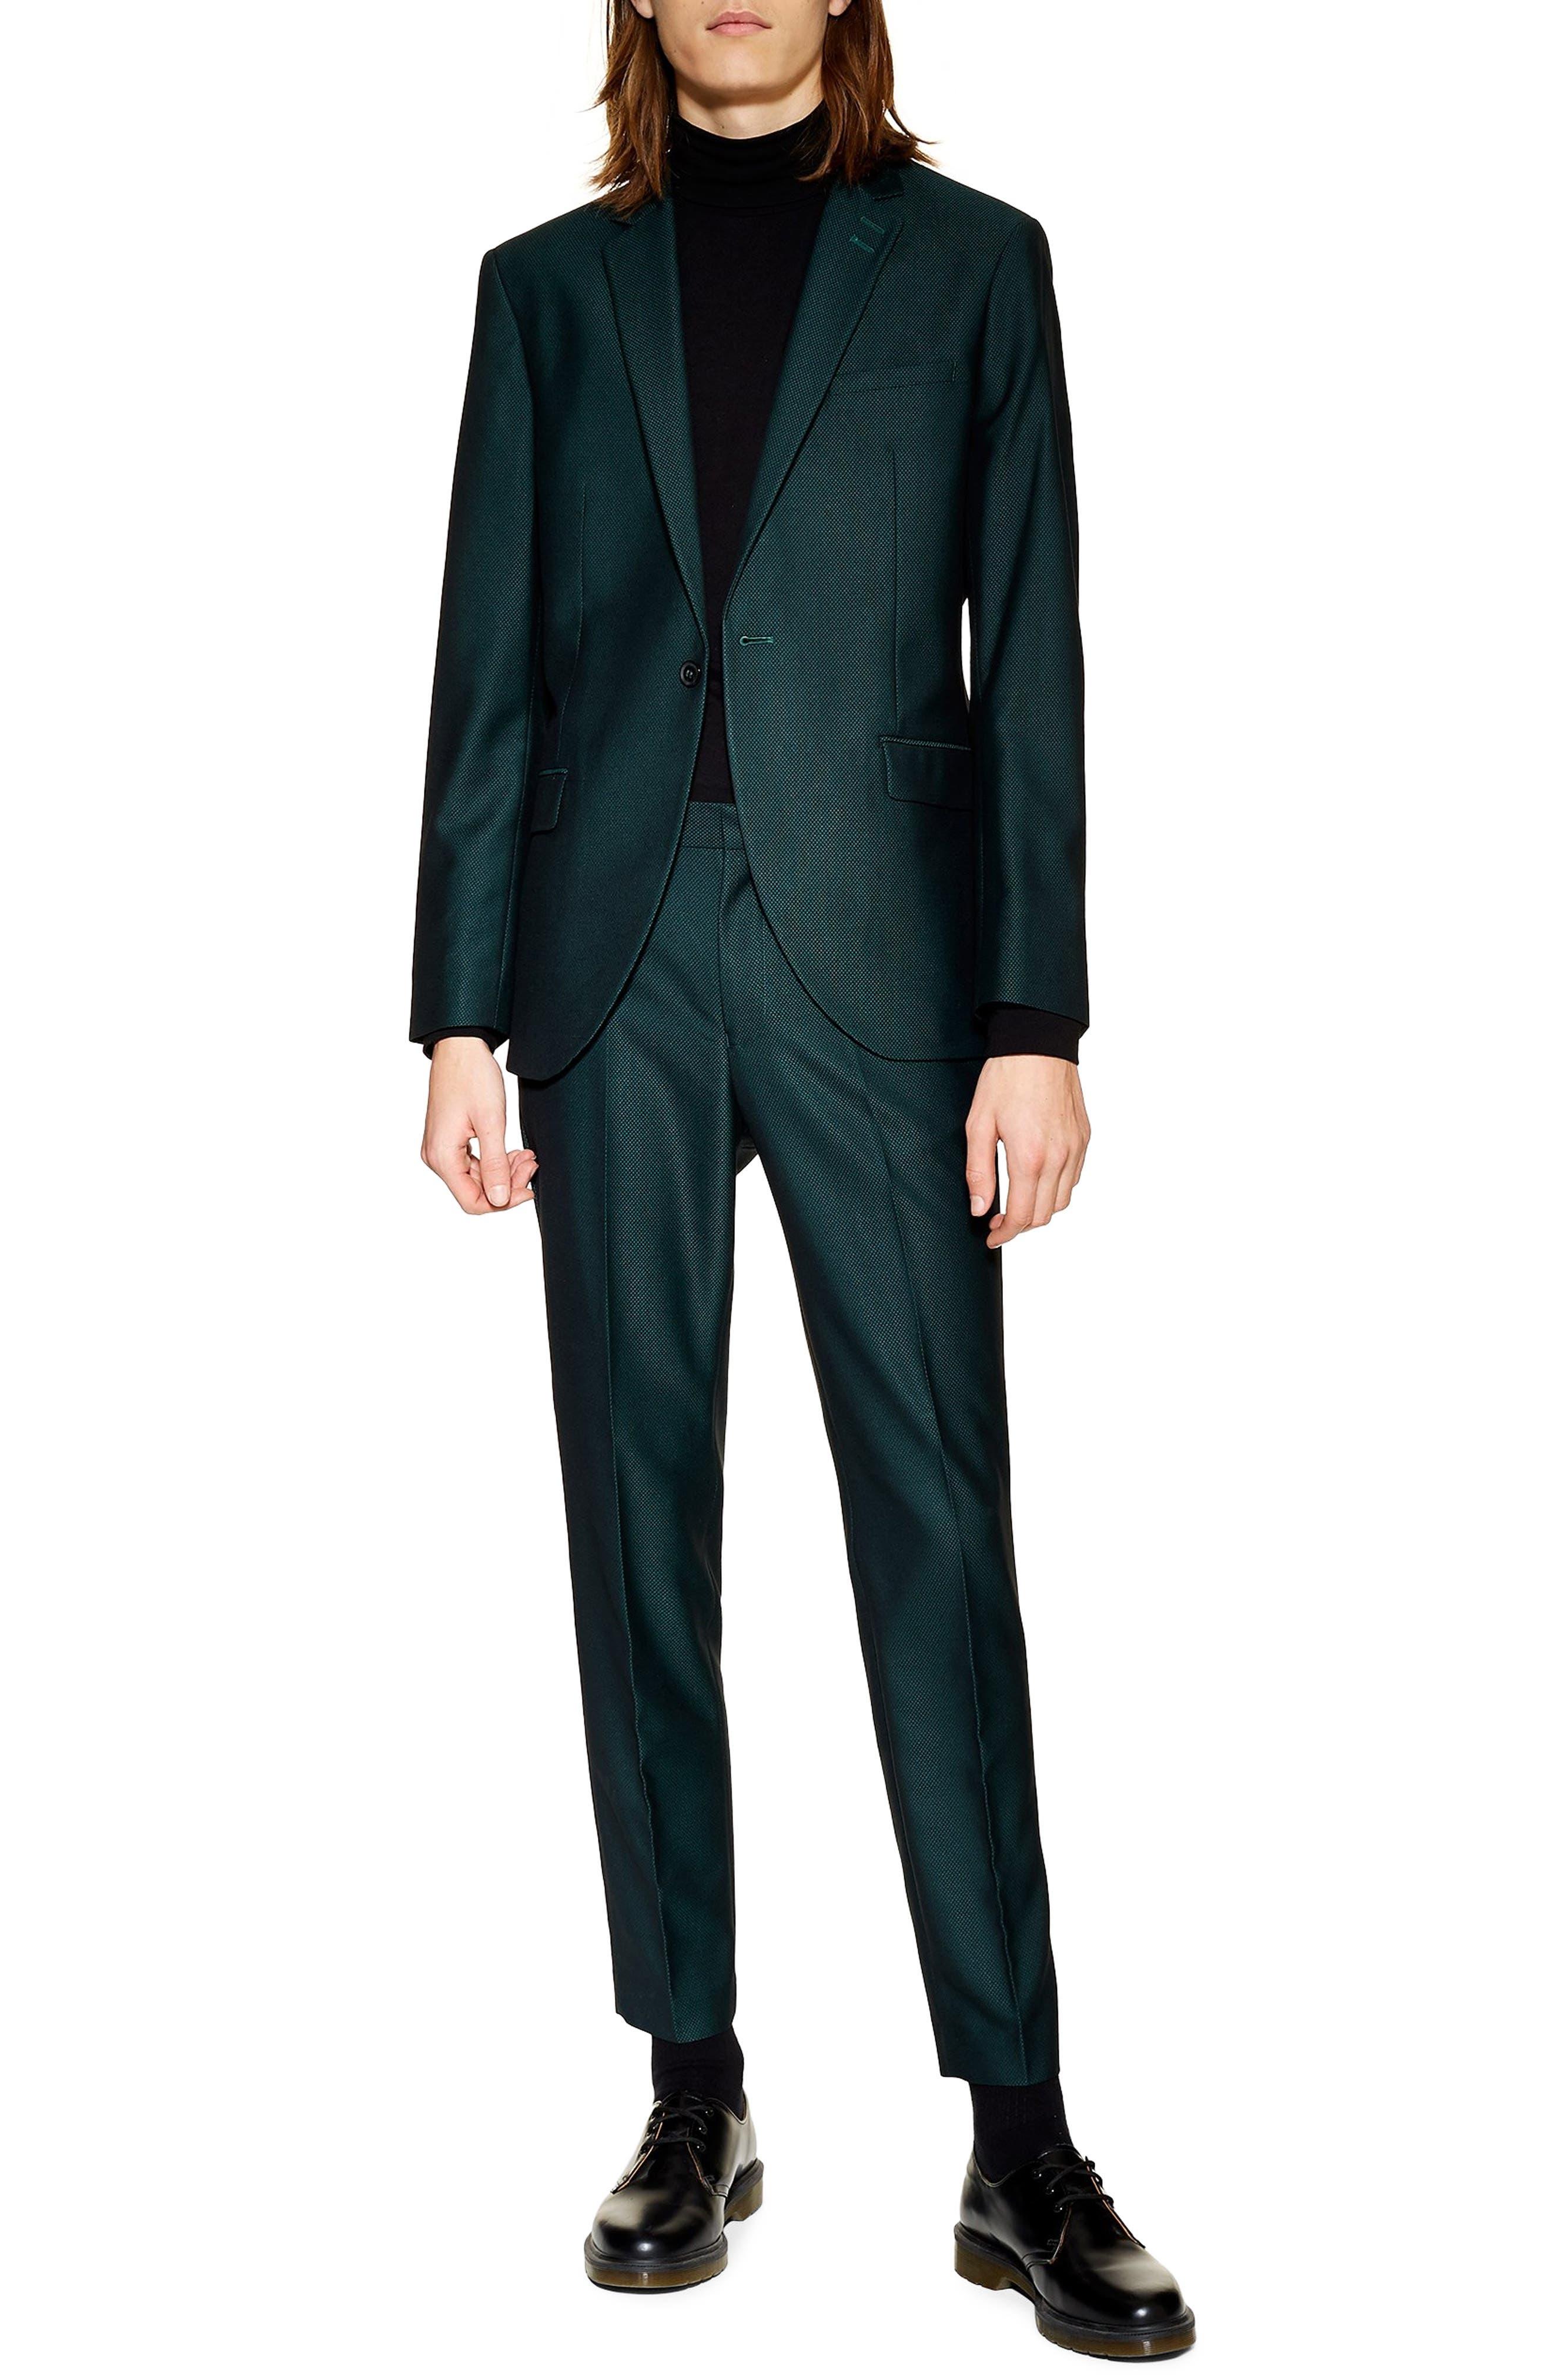 TOPMAN, Banbury Slim Fit Suit Trousers, Main thumbnail 1, color, 300